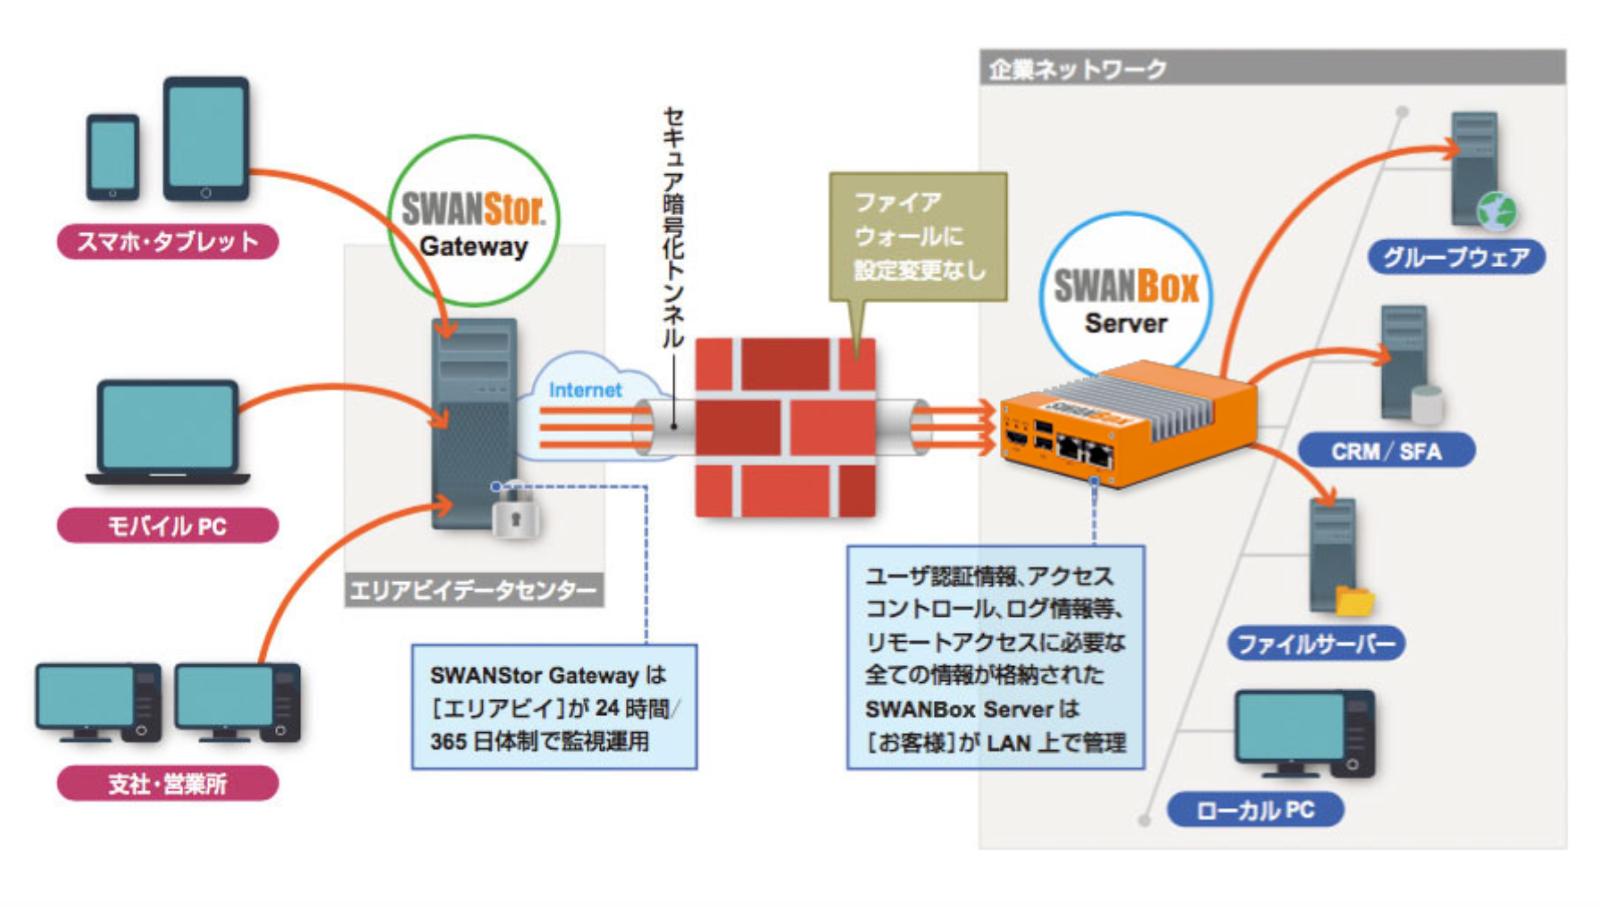 リモートワーク:SWANStor